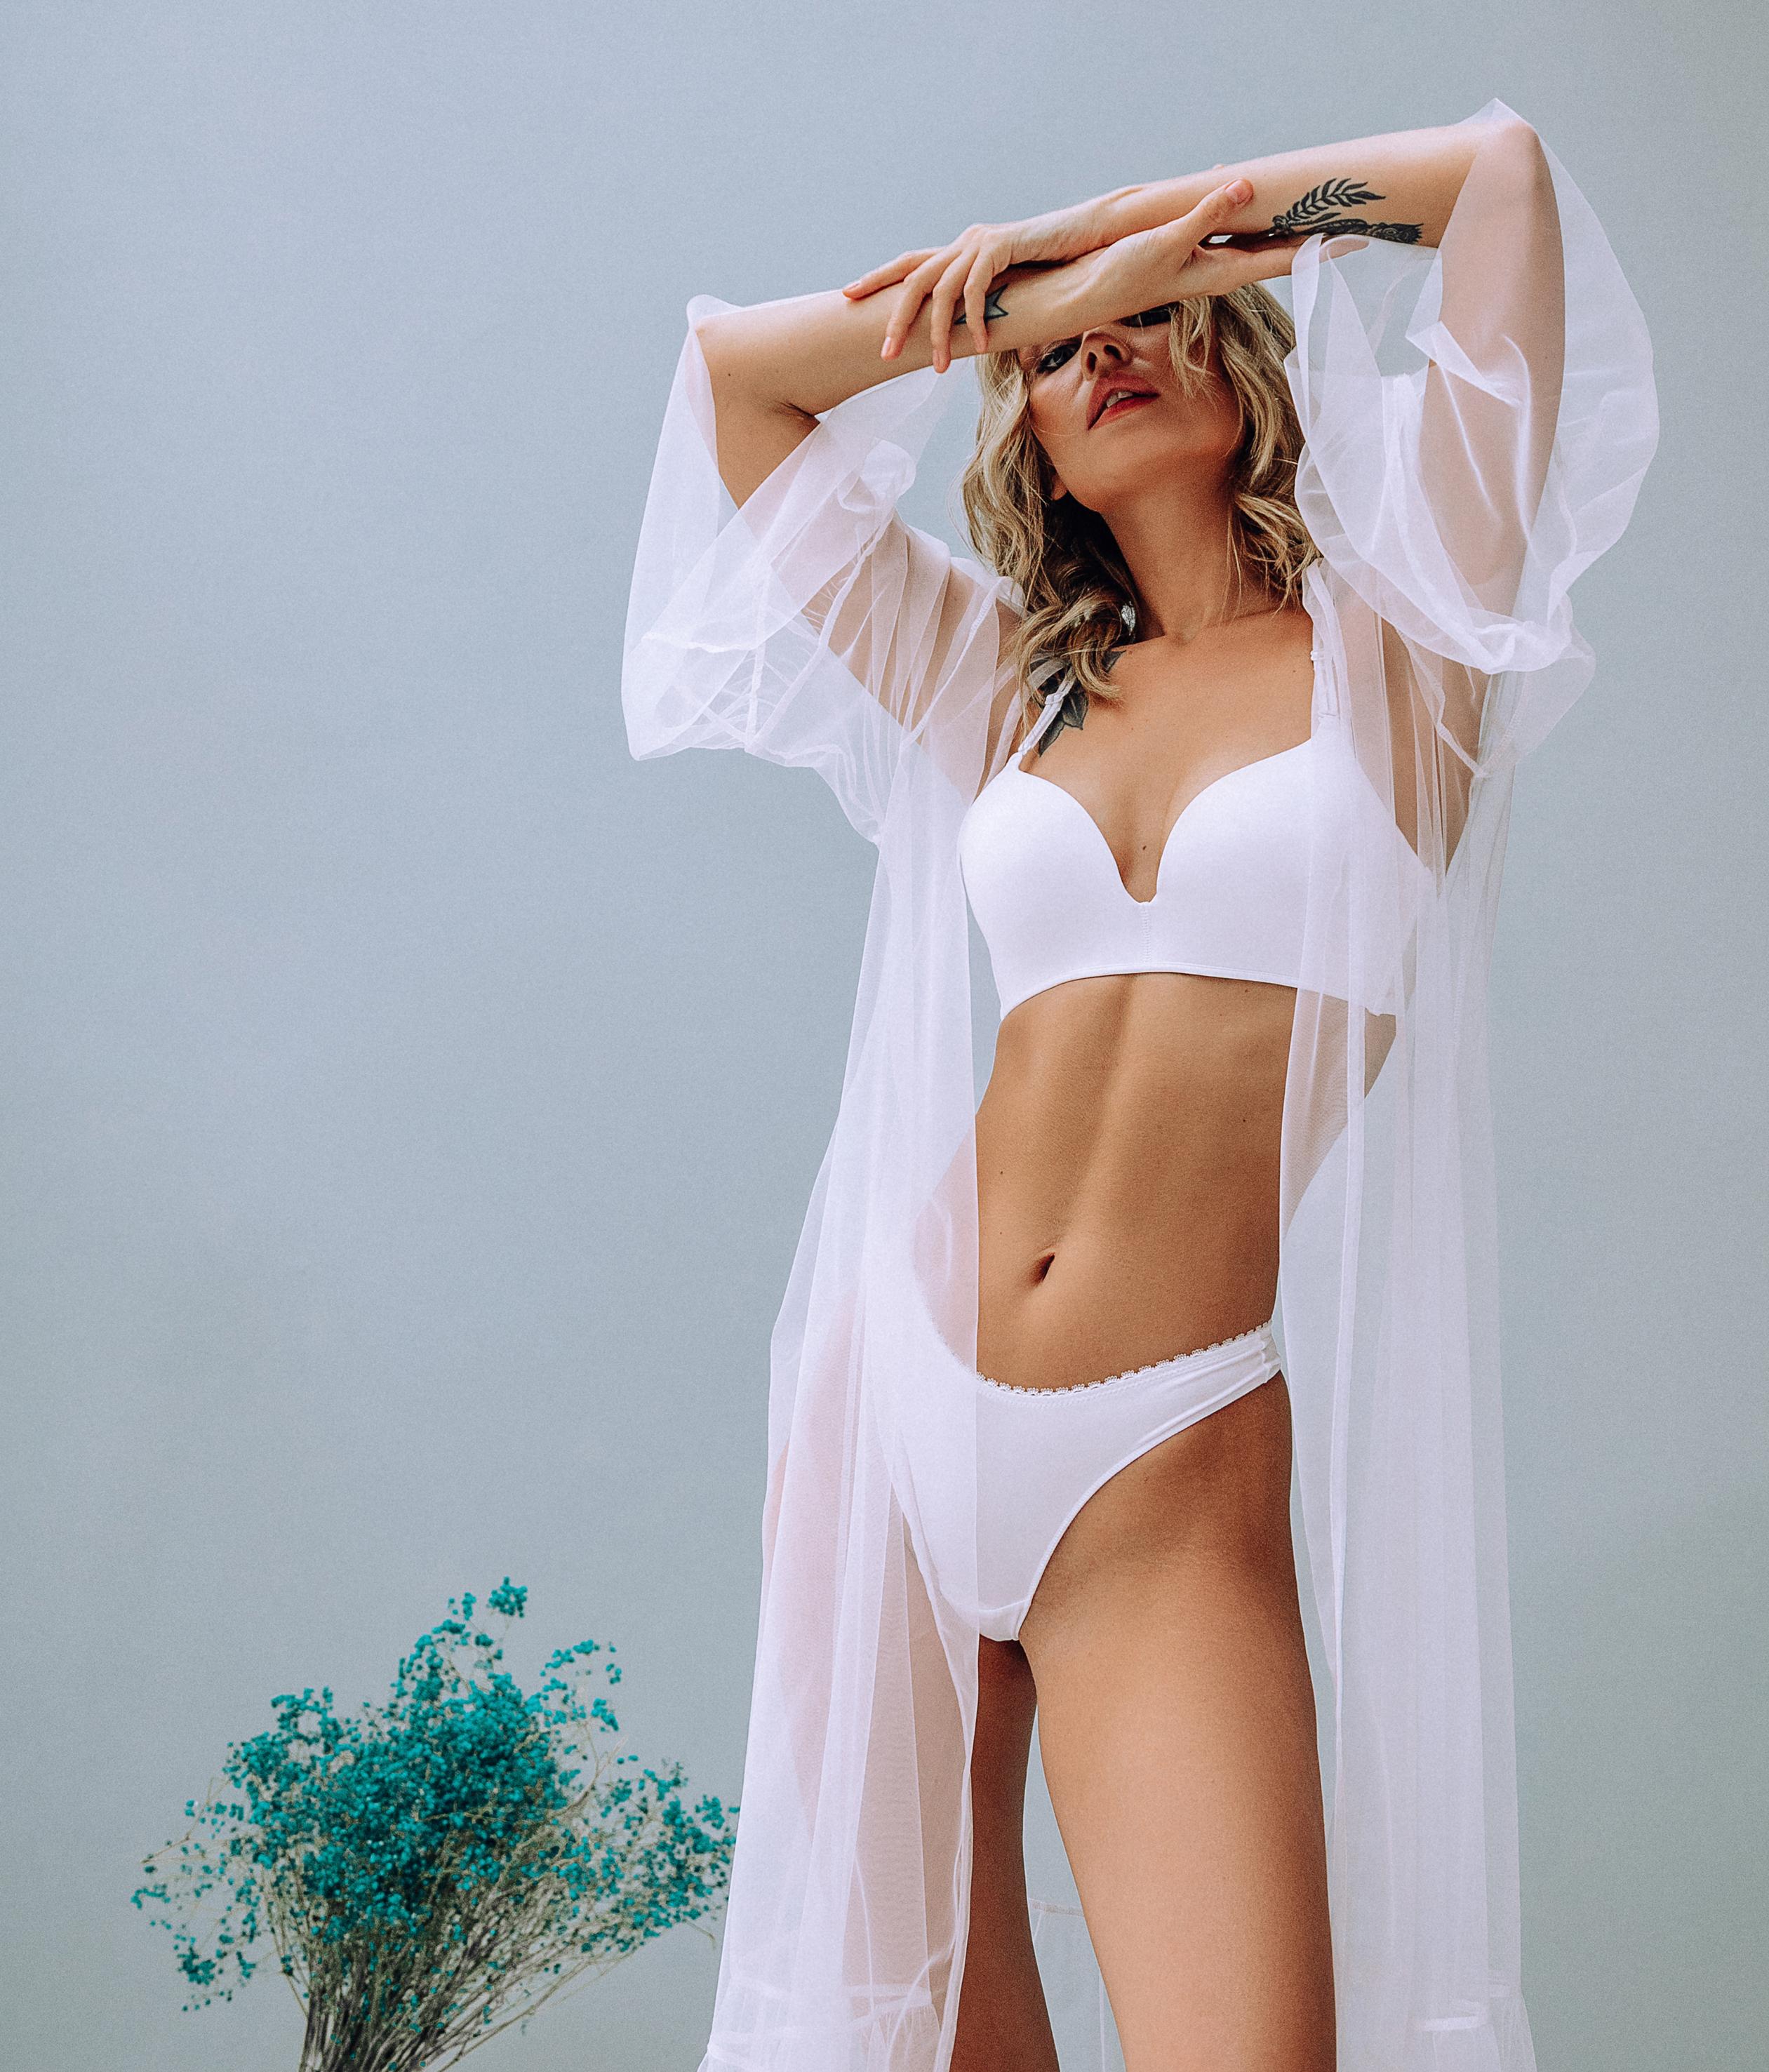 Анастасия Щеглова / фото Наталия Минаева